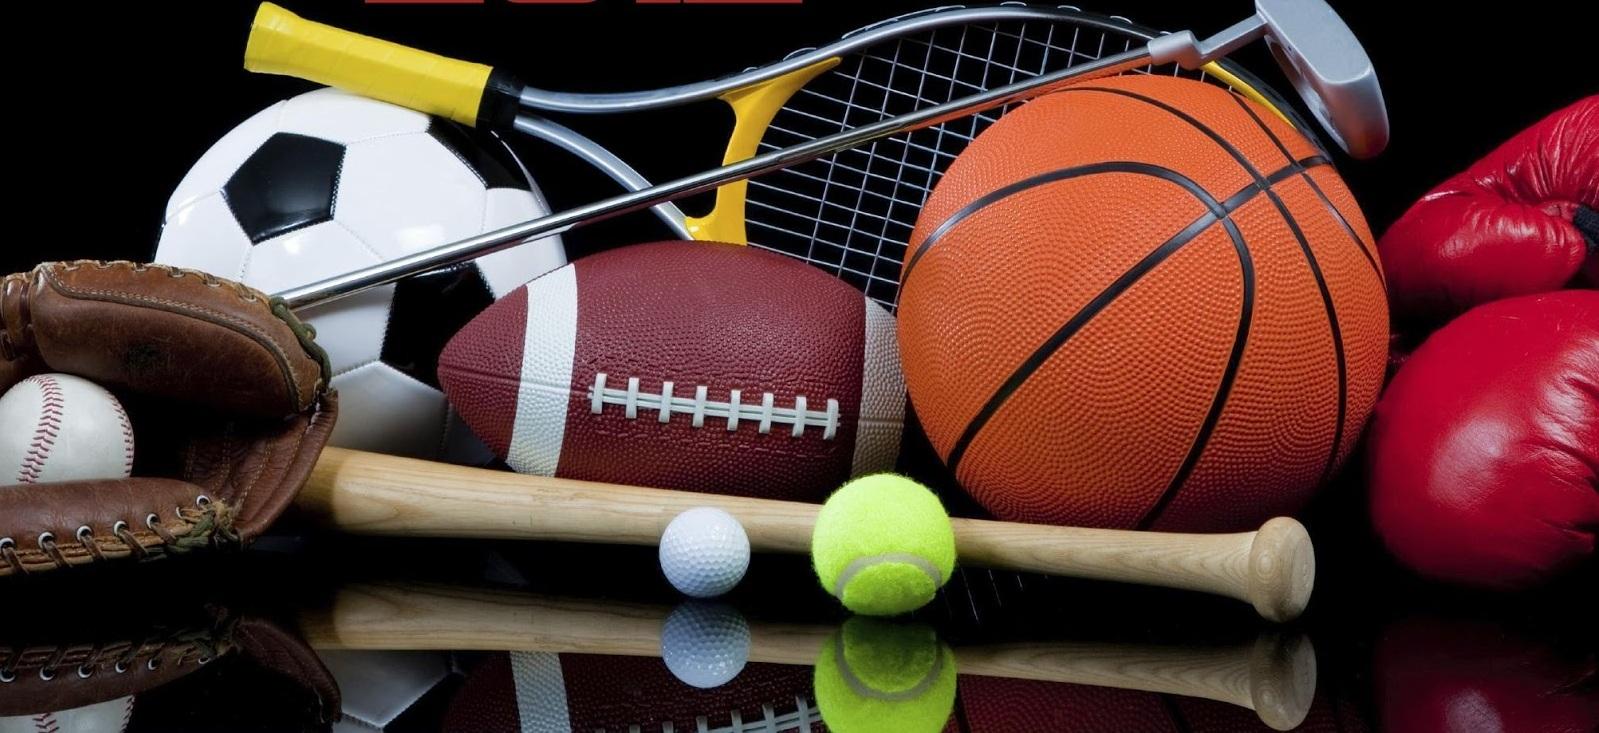 ترخیص تجهیزات ورزشی ترخیص تجهیزات ورزشی ترخیص تجهیزات ورزشی 4mdk